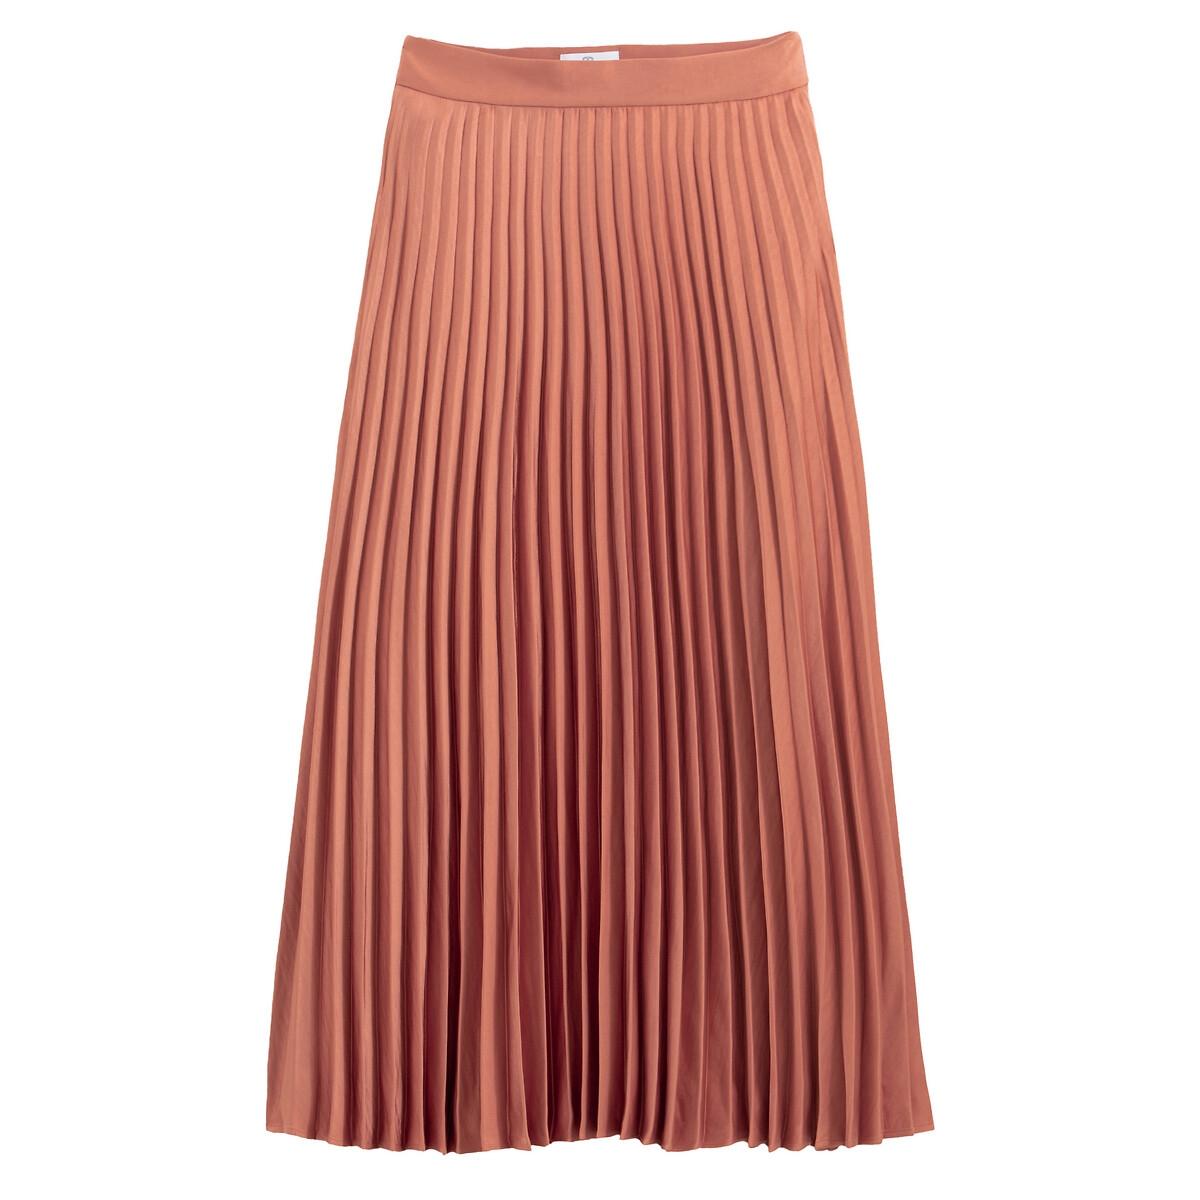 Falda plisada larga